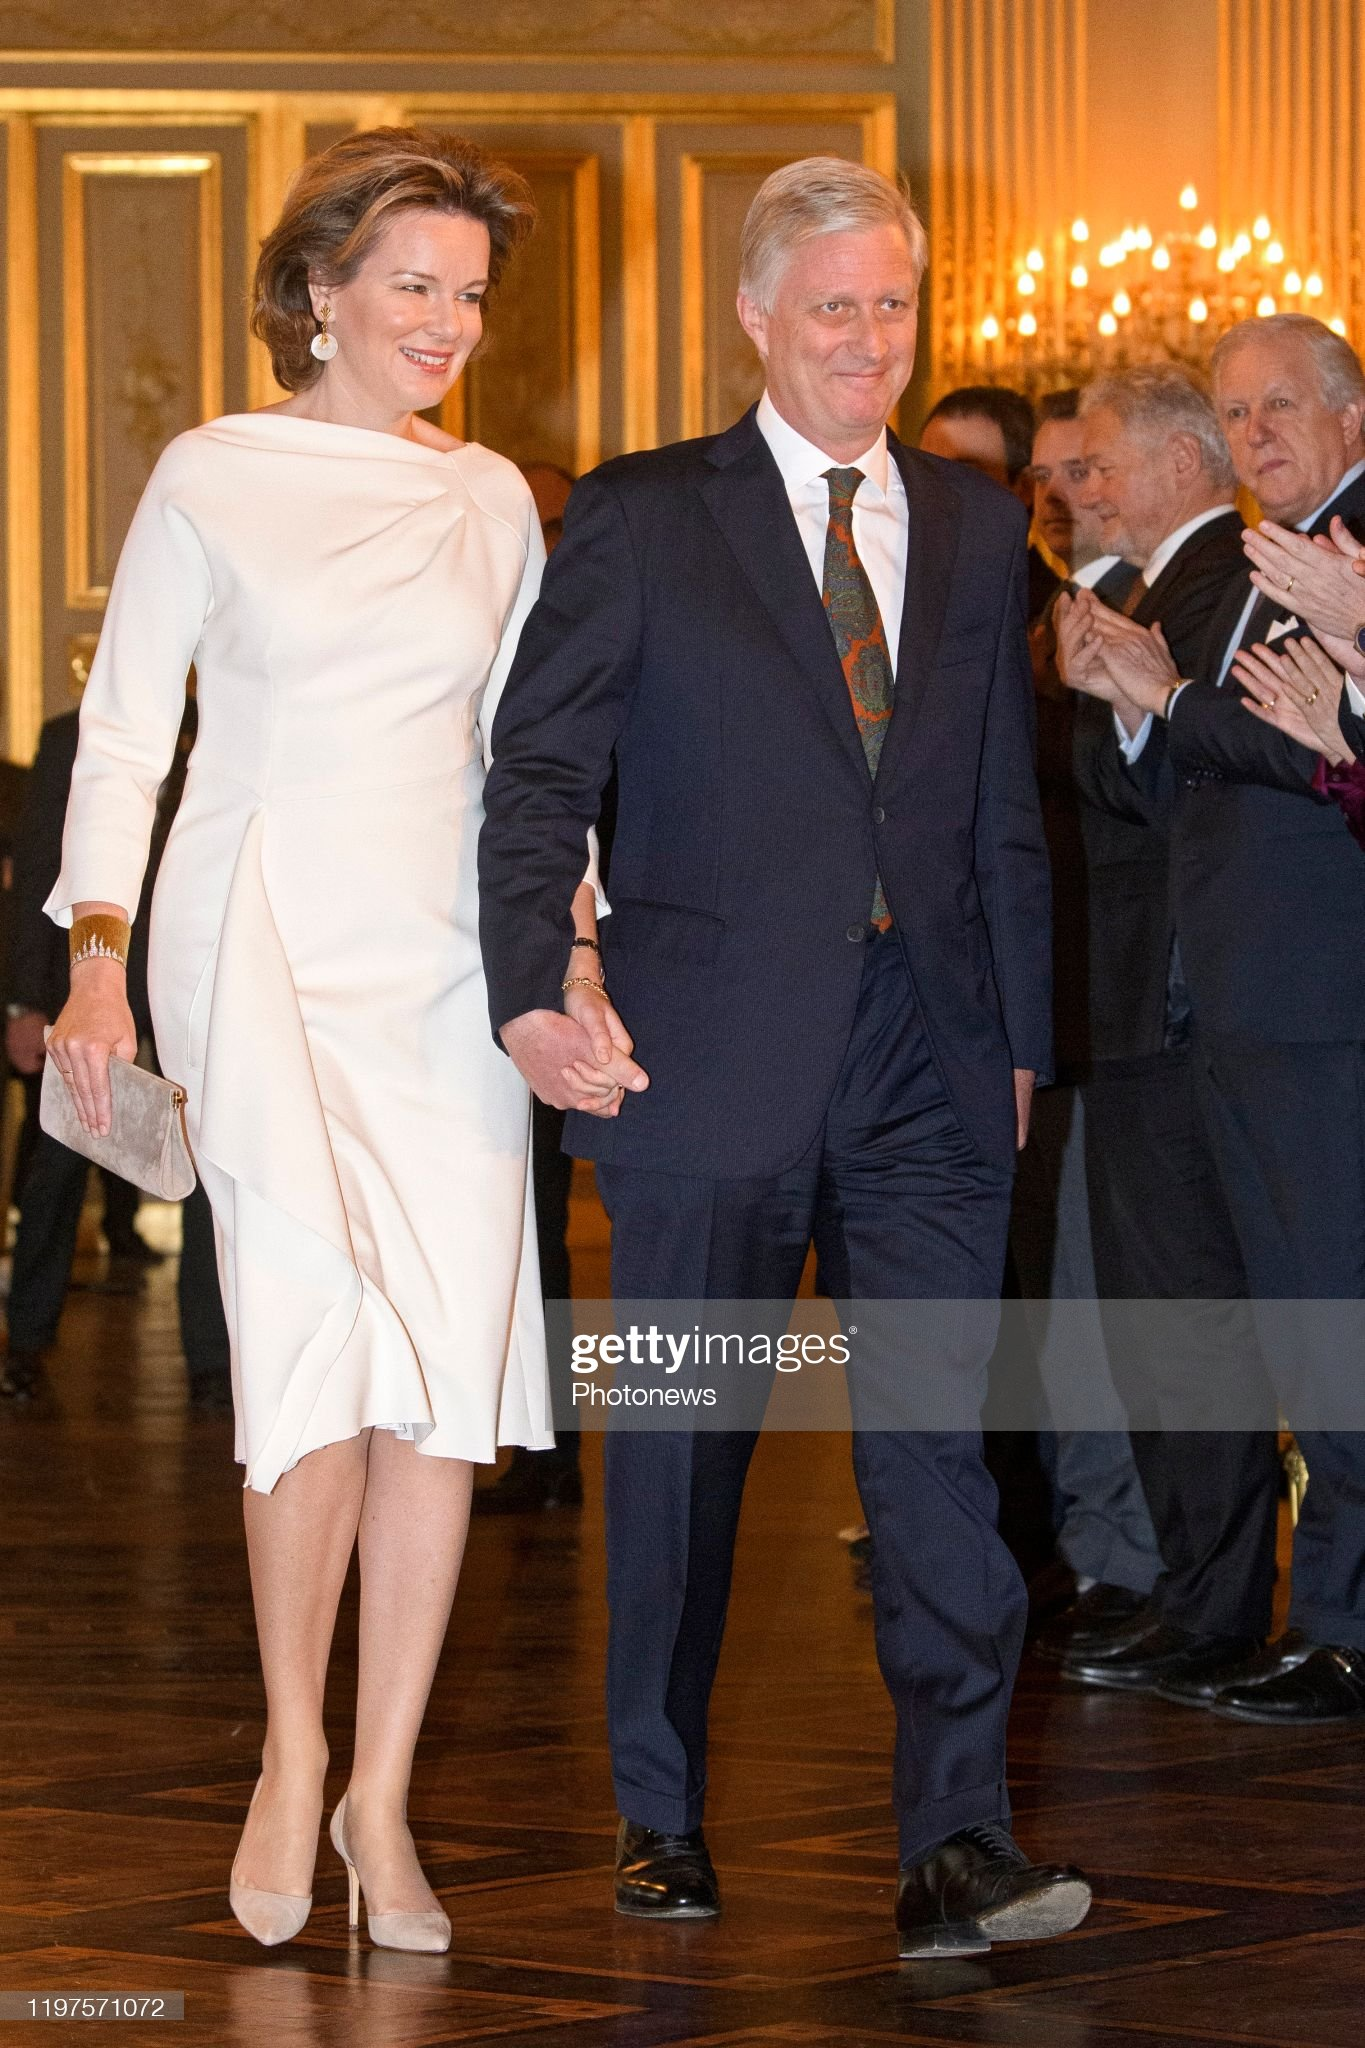 nieuwjaarsreceptie-van-het-koninklijk-paleis-rception-du-nouvel-an-du-picture-id1197571072